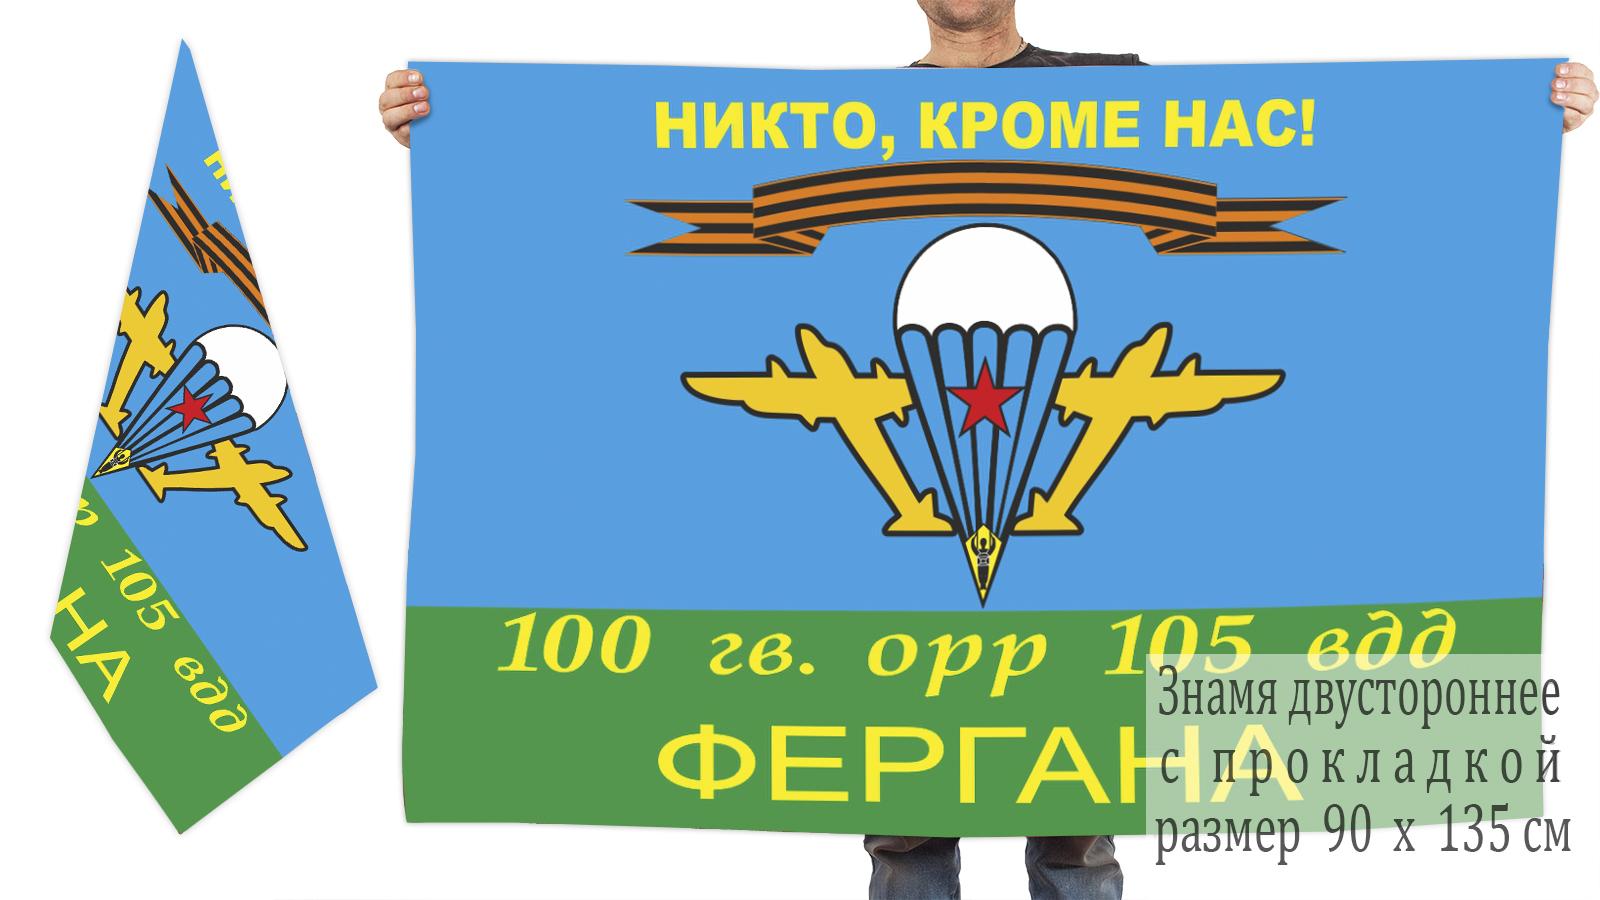 """Двусторонний флаг ВДВ """"Никто, кроме нас!"""" 100 Гв. ОРР 105 ВДД Фергана"""